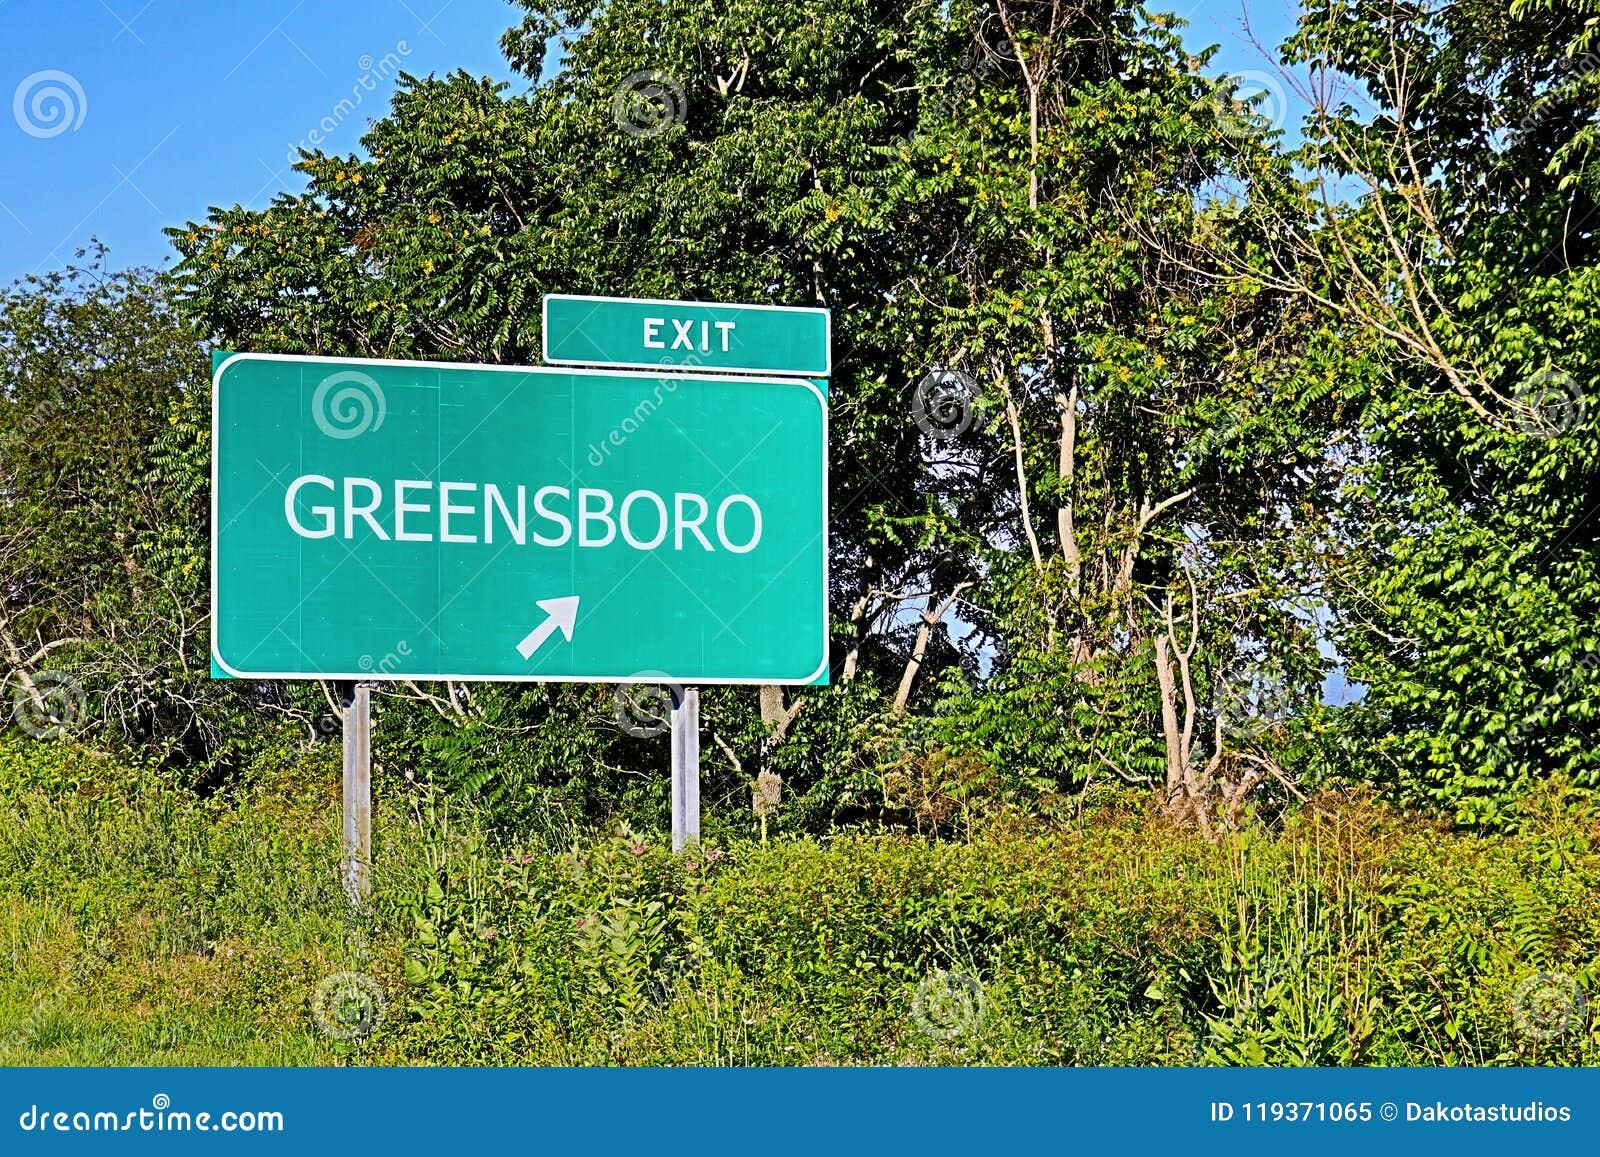 美国高速公路格林斯博罗的出口标志